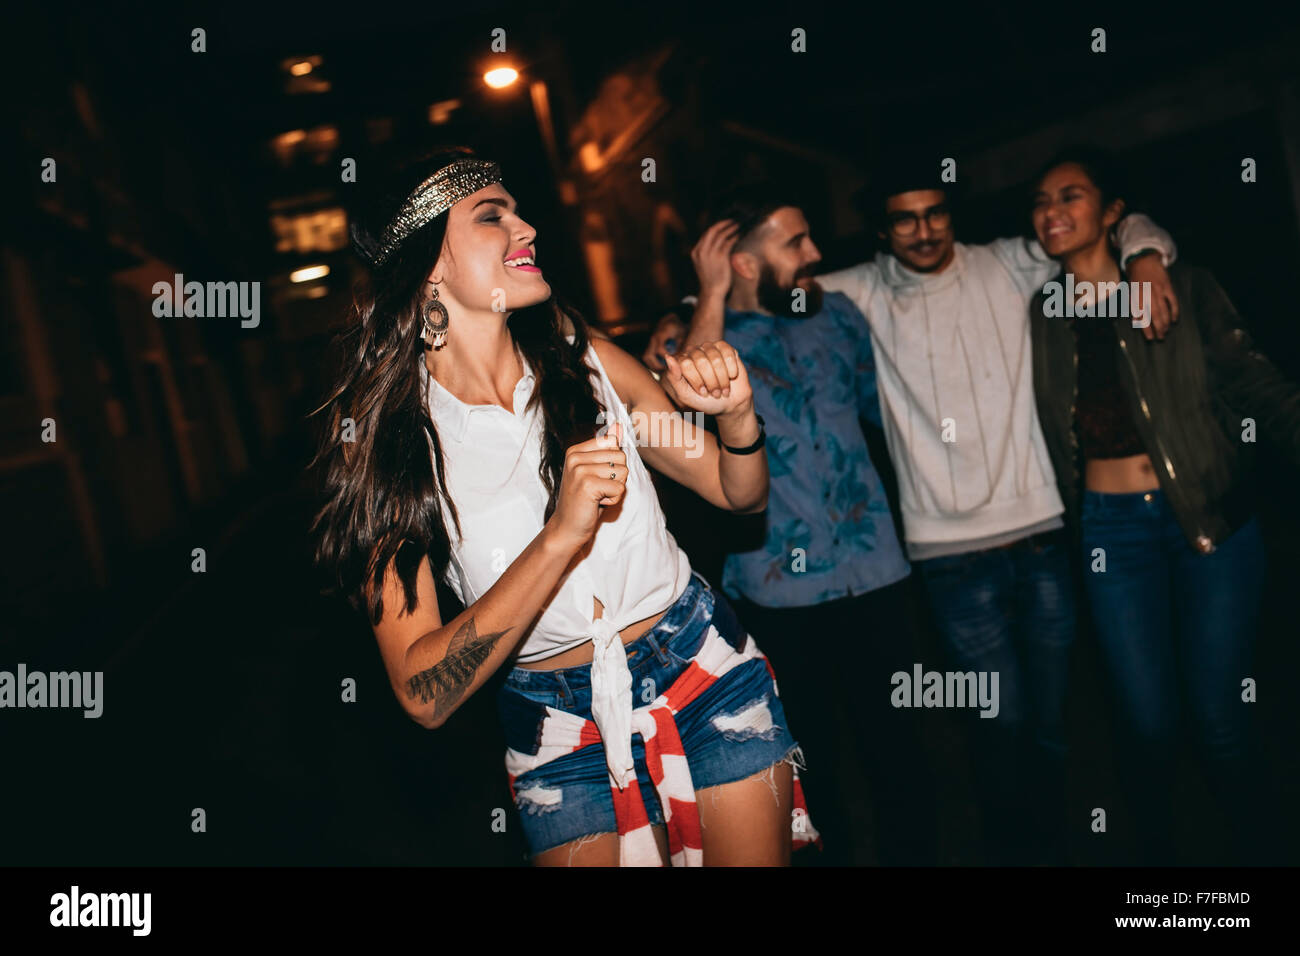 Ritratto di giovane Pretty Woman Dancing con i suoi amici in background. Felice giovane femmina godendo di una festa Immagini Stock